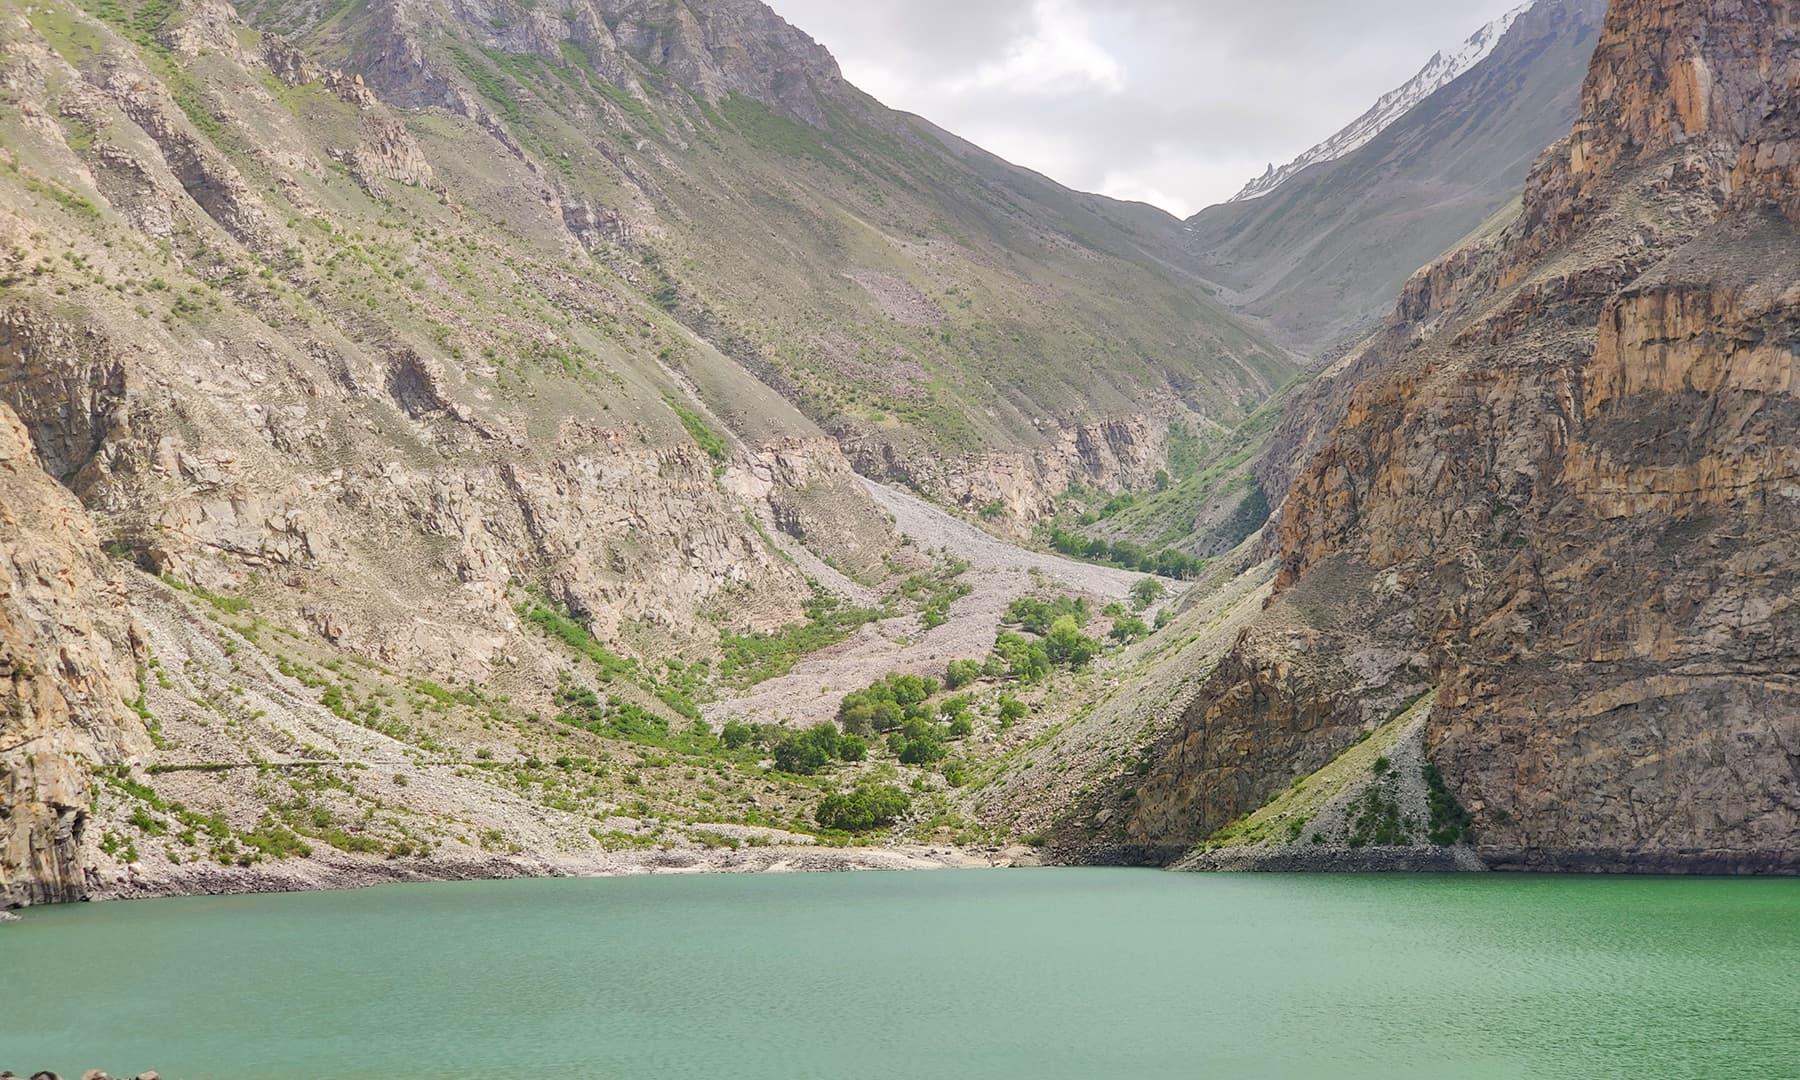 ایک تجربہ کار ٹریکر 3 گھنٹوں کی مسافت میں جھیل تک کا سفر طے کرسکتا ہے